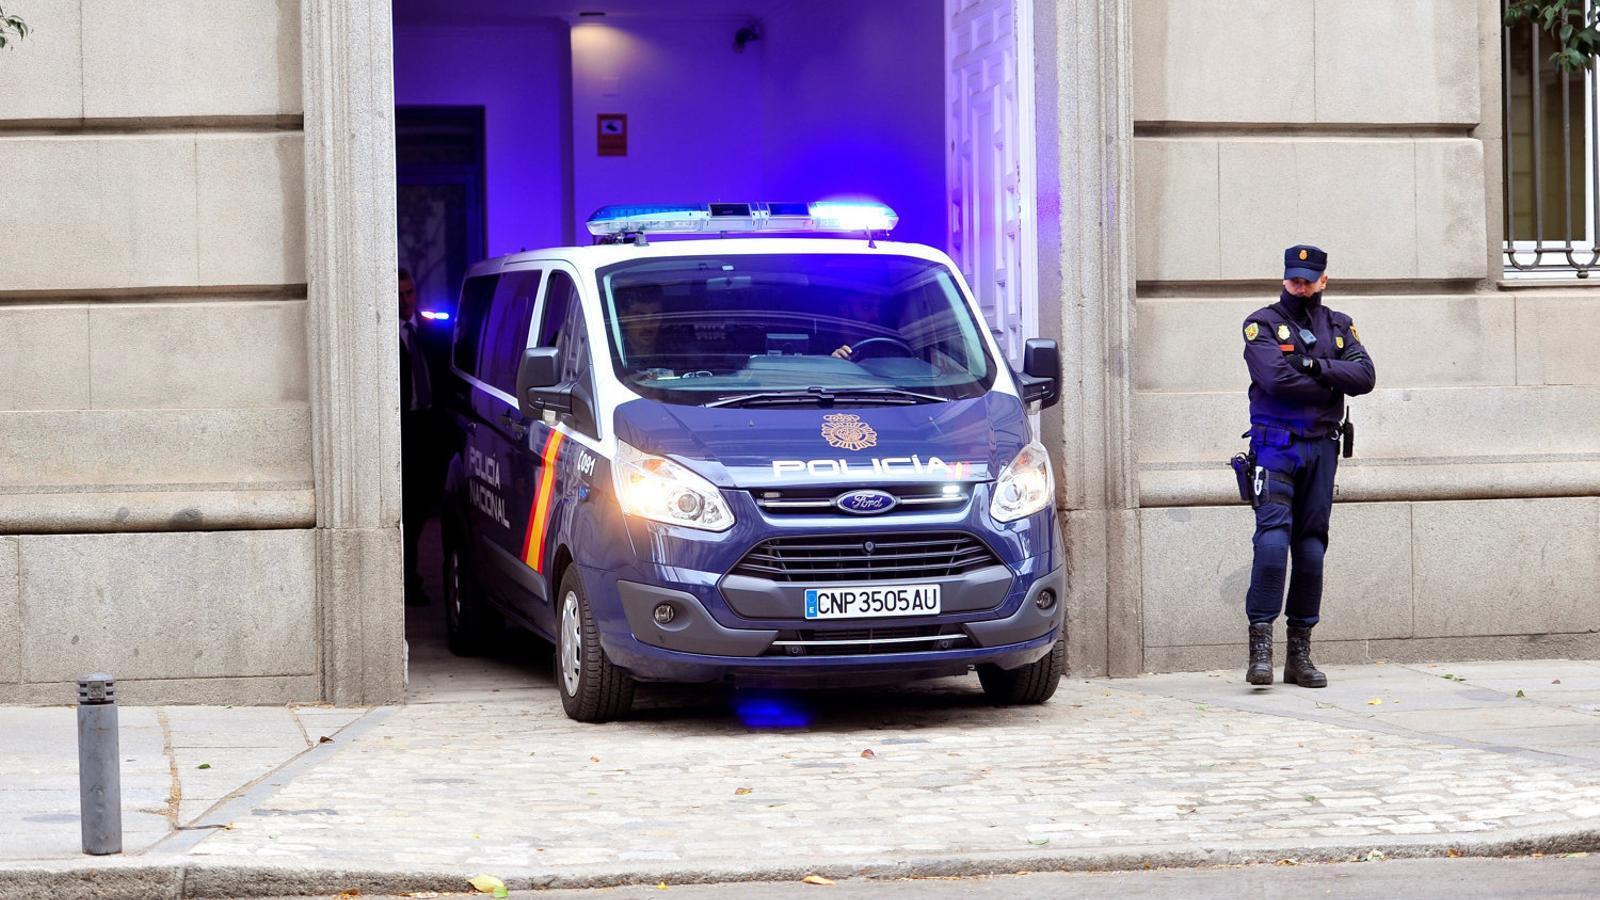 Un dels furgons policials que va traslladar els consellers i els Jordis de la presó al Suprem.